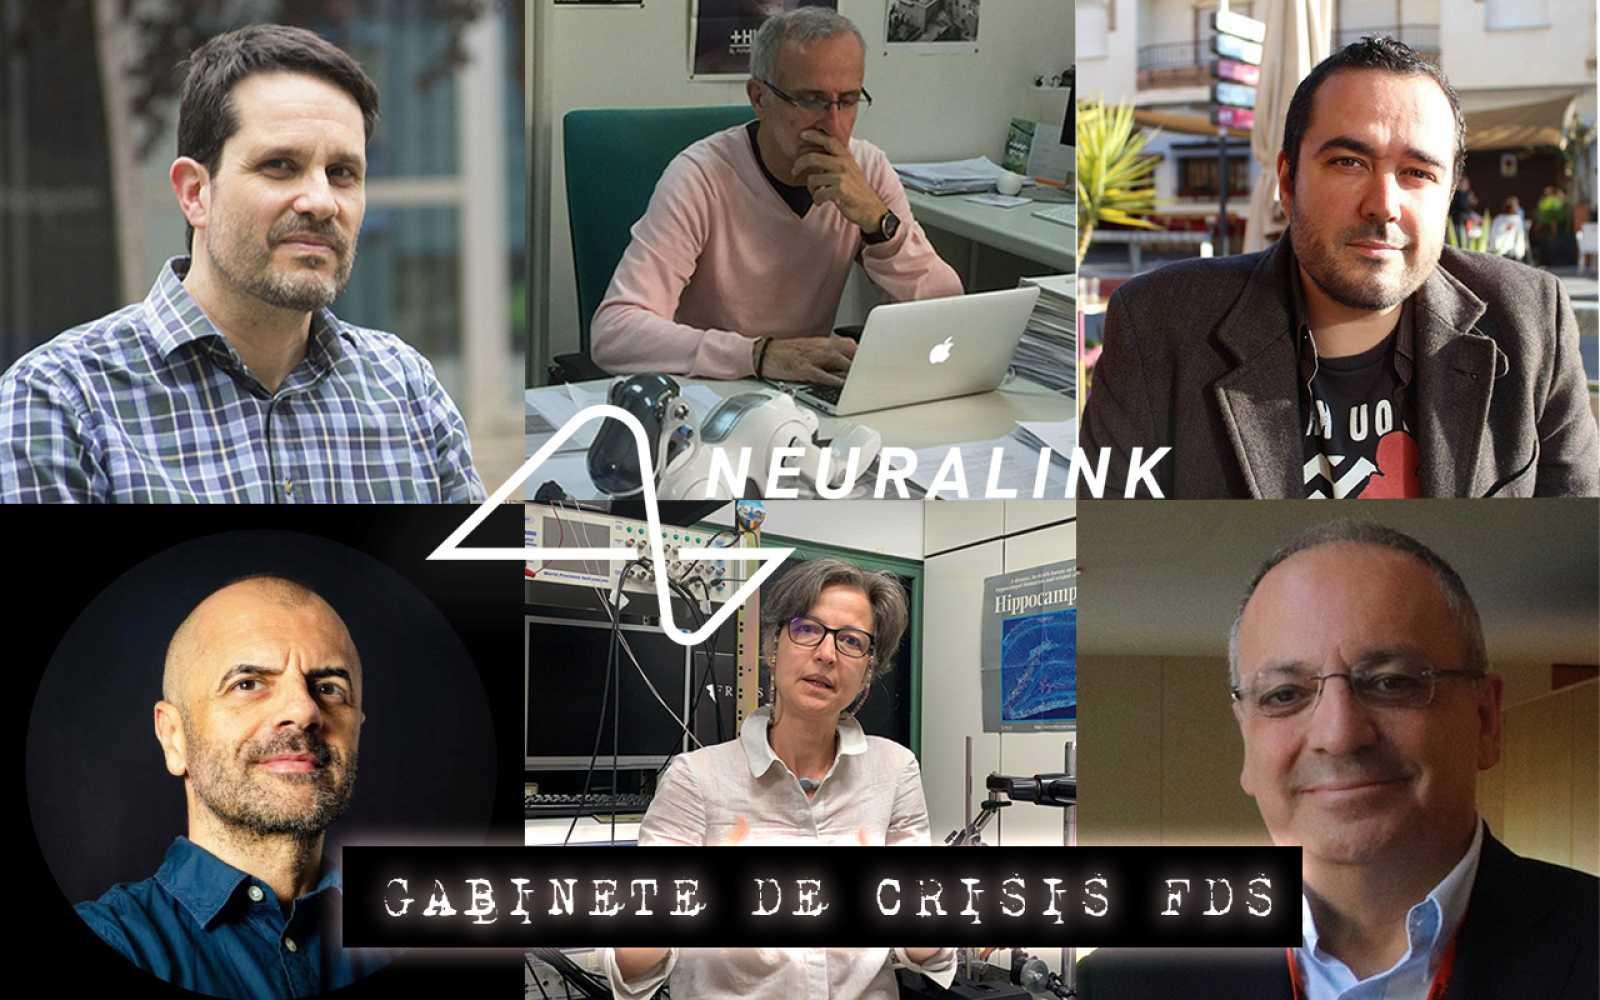 Fallo de sistema - 417: Neuralink, un enfoque multidisciplinar - 13/09/20 - escuchar ahora